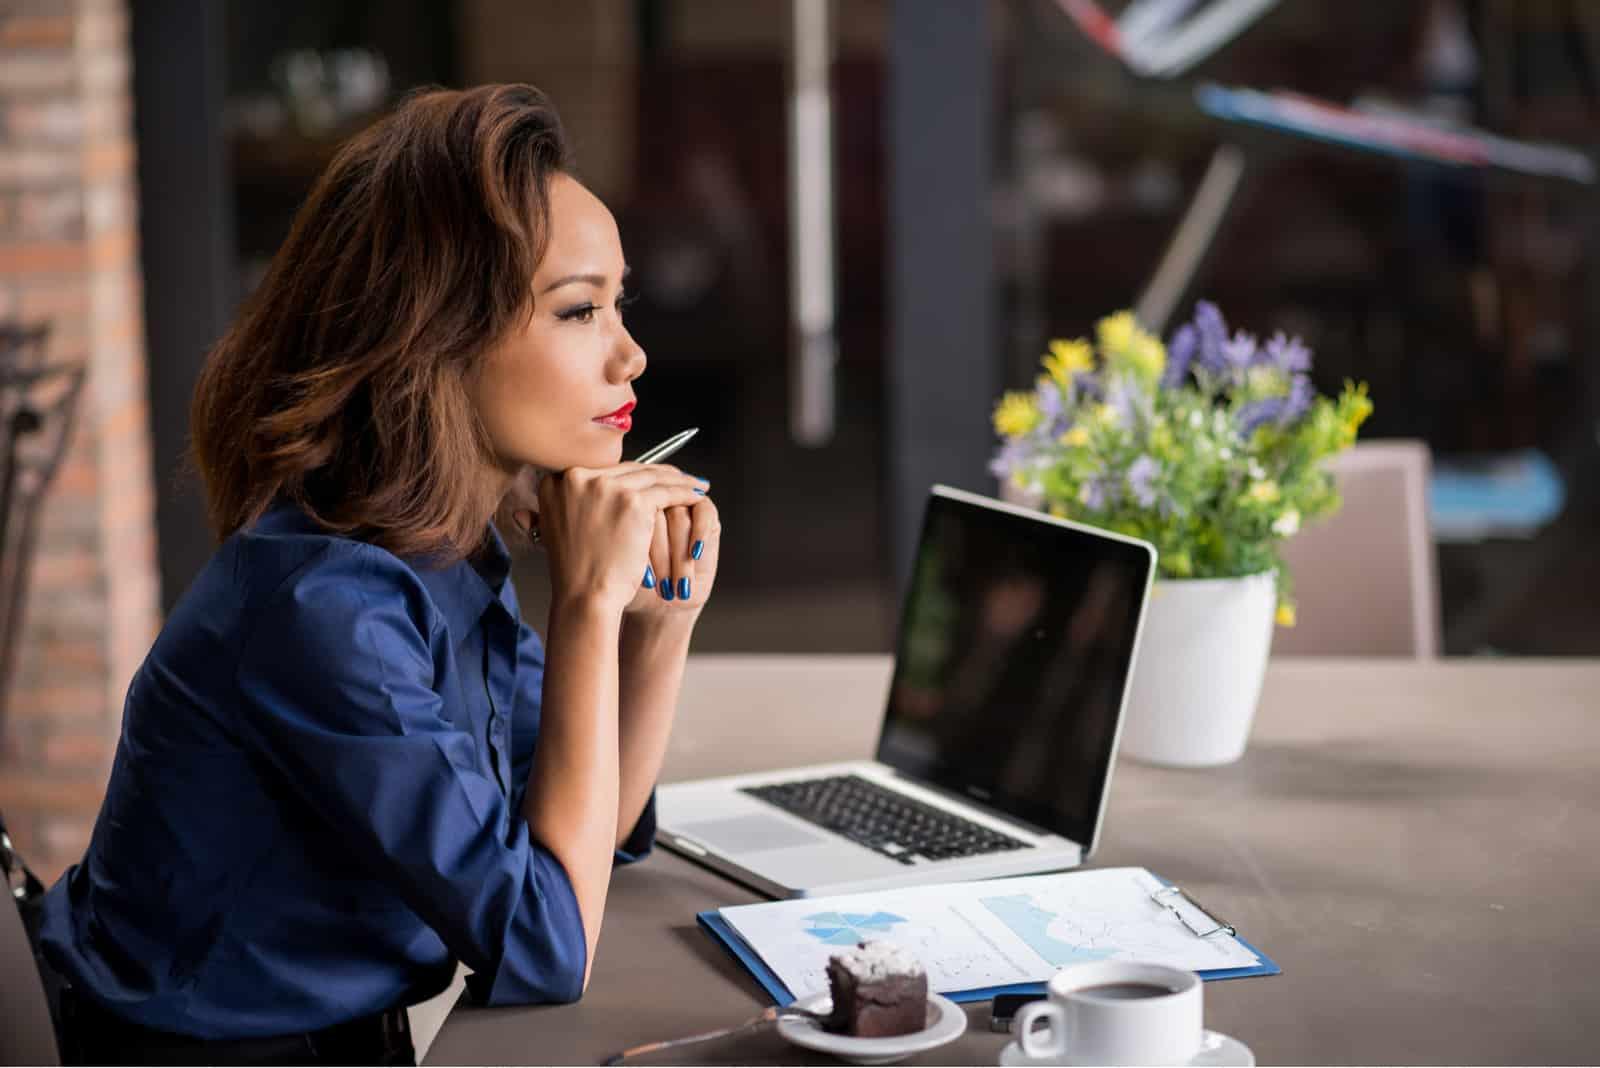 Eine Geschäftsfrau sitzt an einem Schreibtisch im Büro und denkt nach